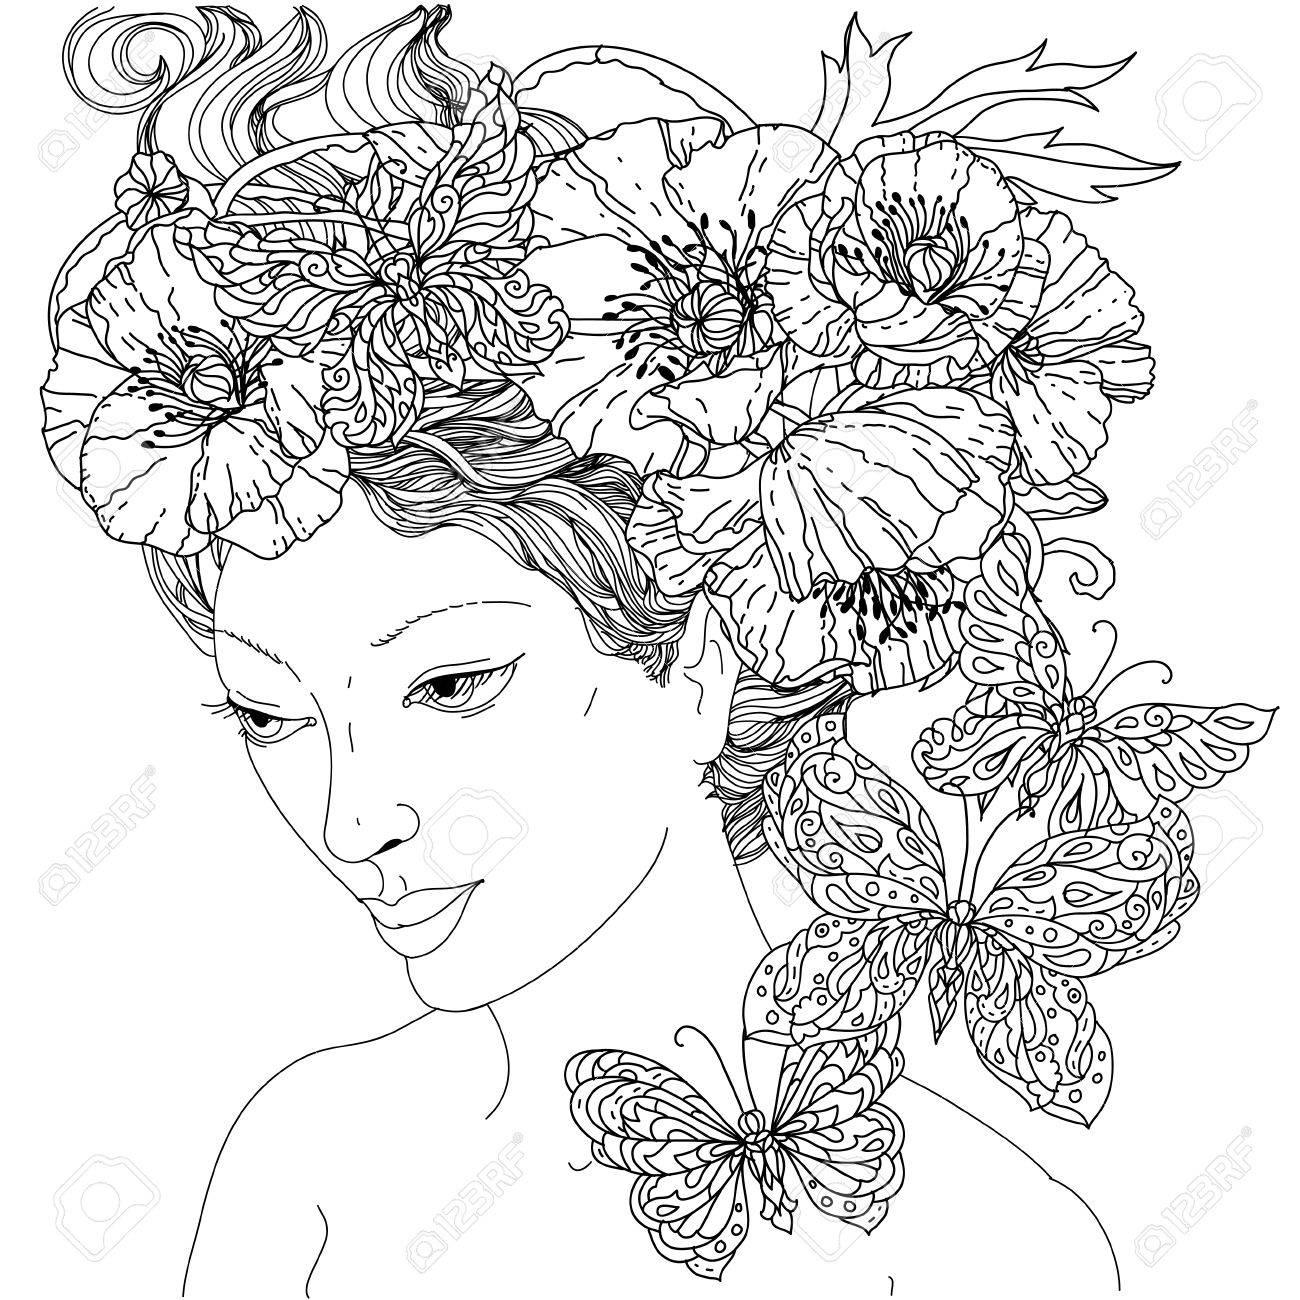 Femme Incolore Et Papillon Pour Adultes Livre De Coloriage Dans Le